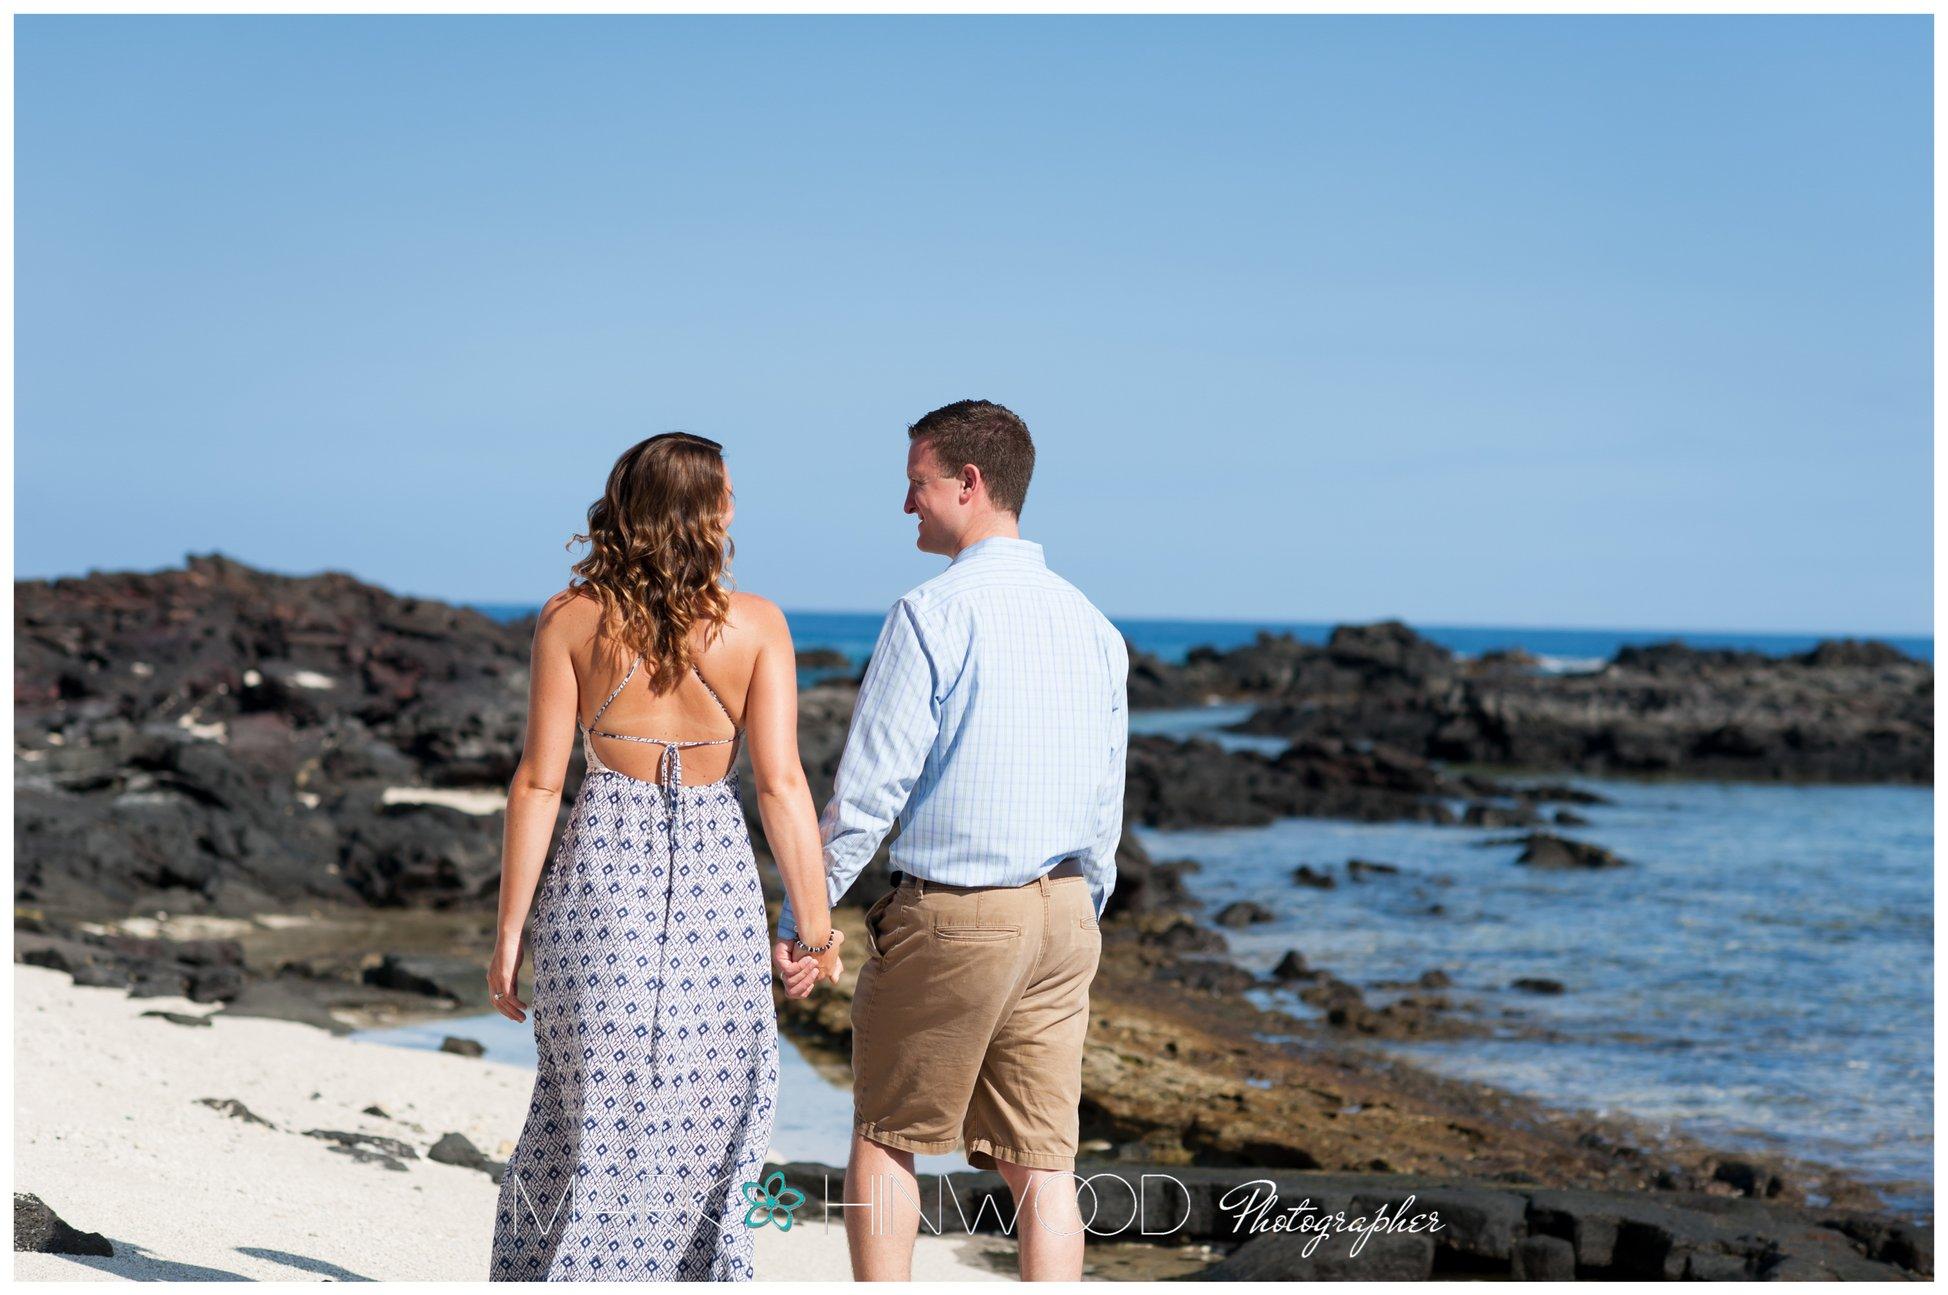 Big Island Engagement photographer 9